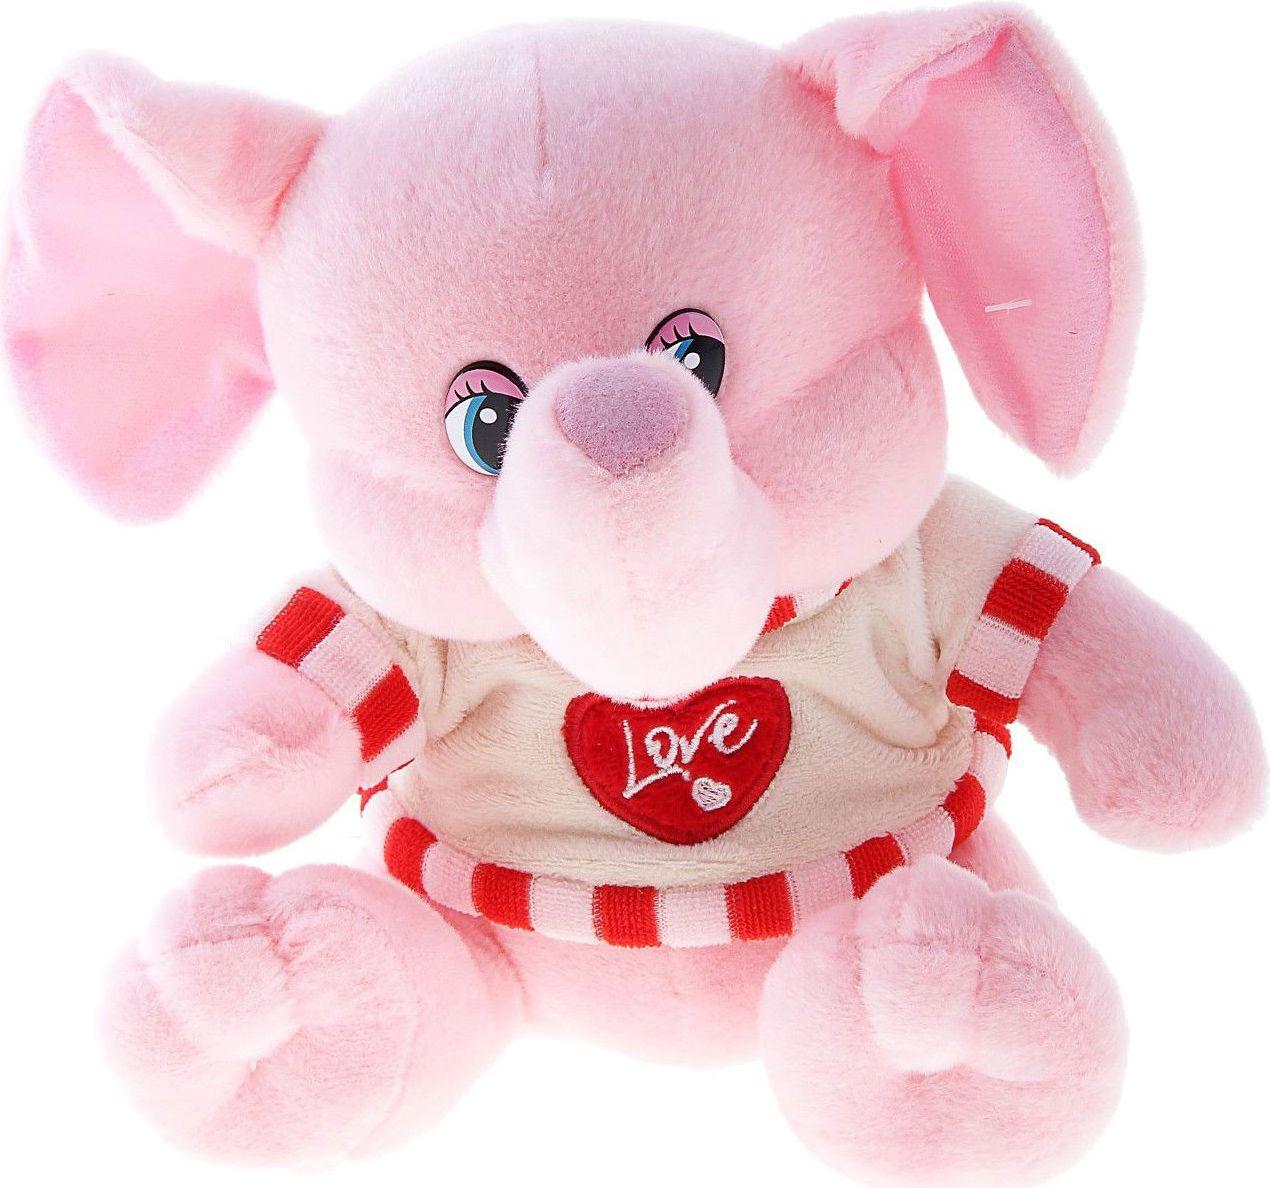 Sima-land Мягкая игрушка Слоник в кофте с сердечком 330530 sima land мягкая игрушка на руку мальчик 1147835